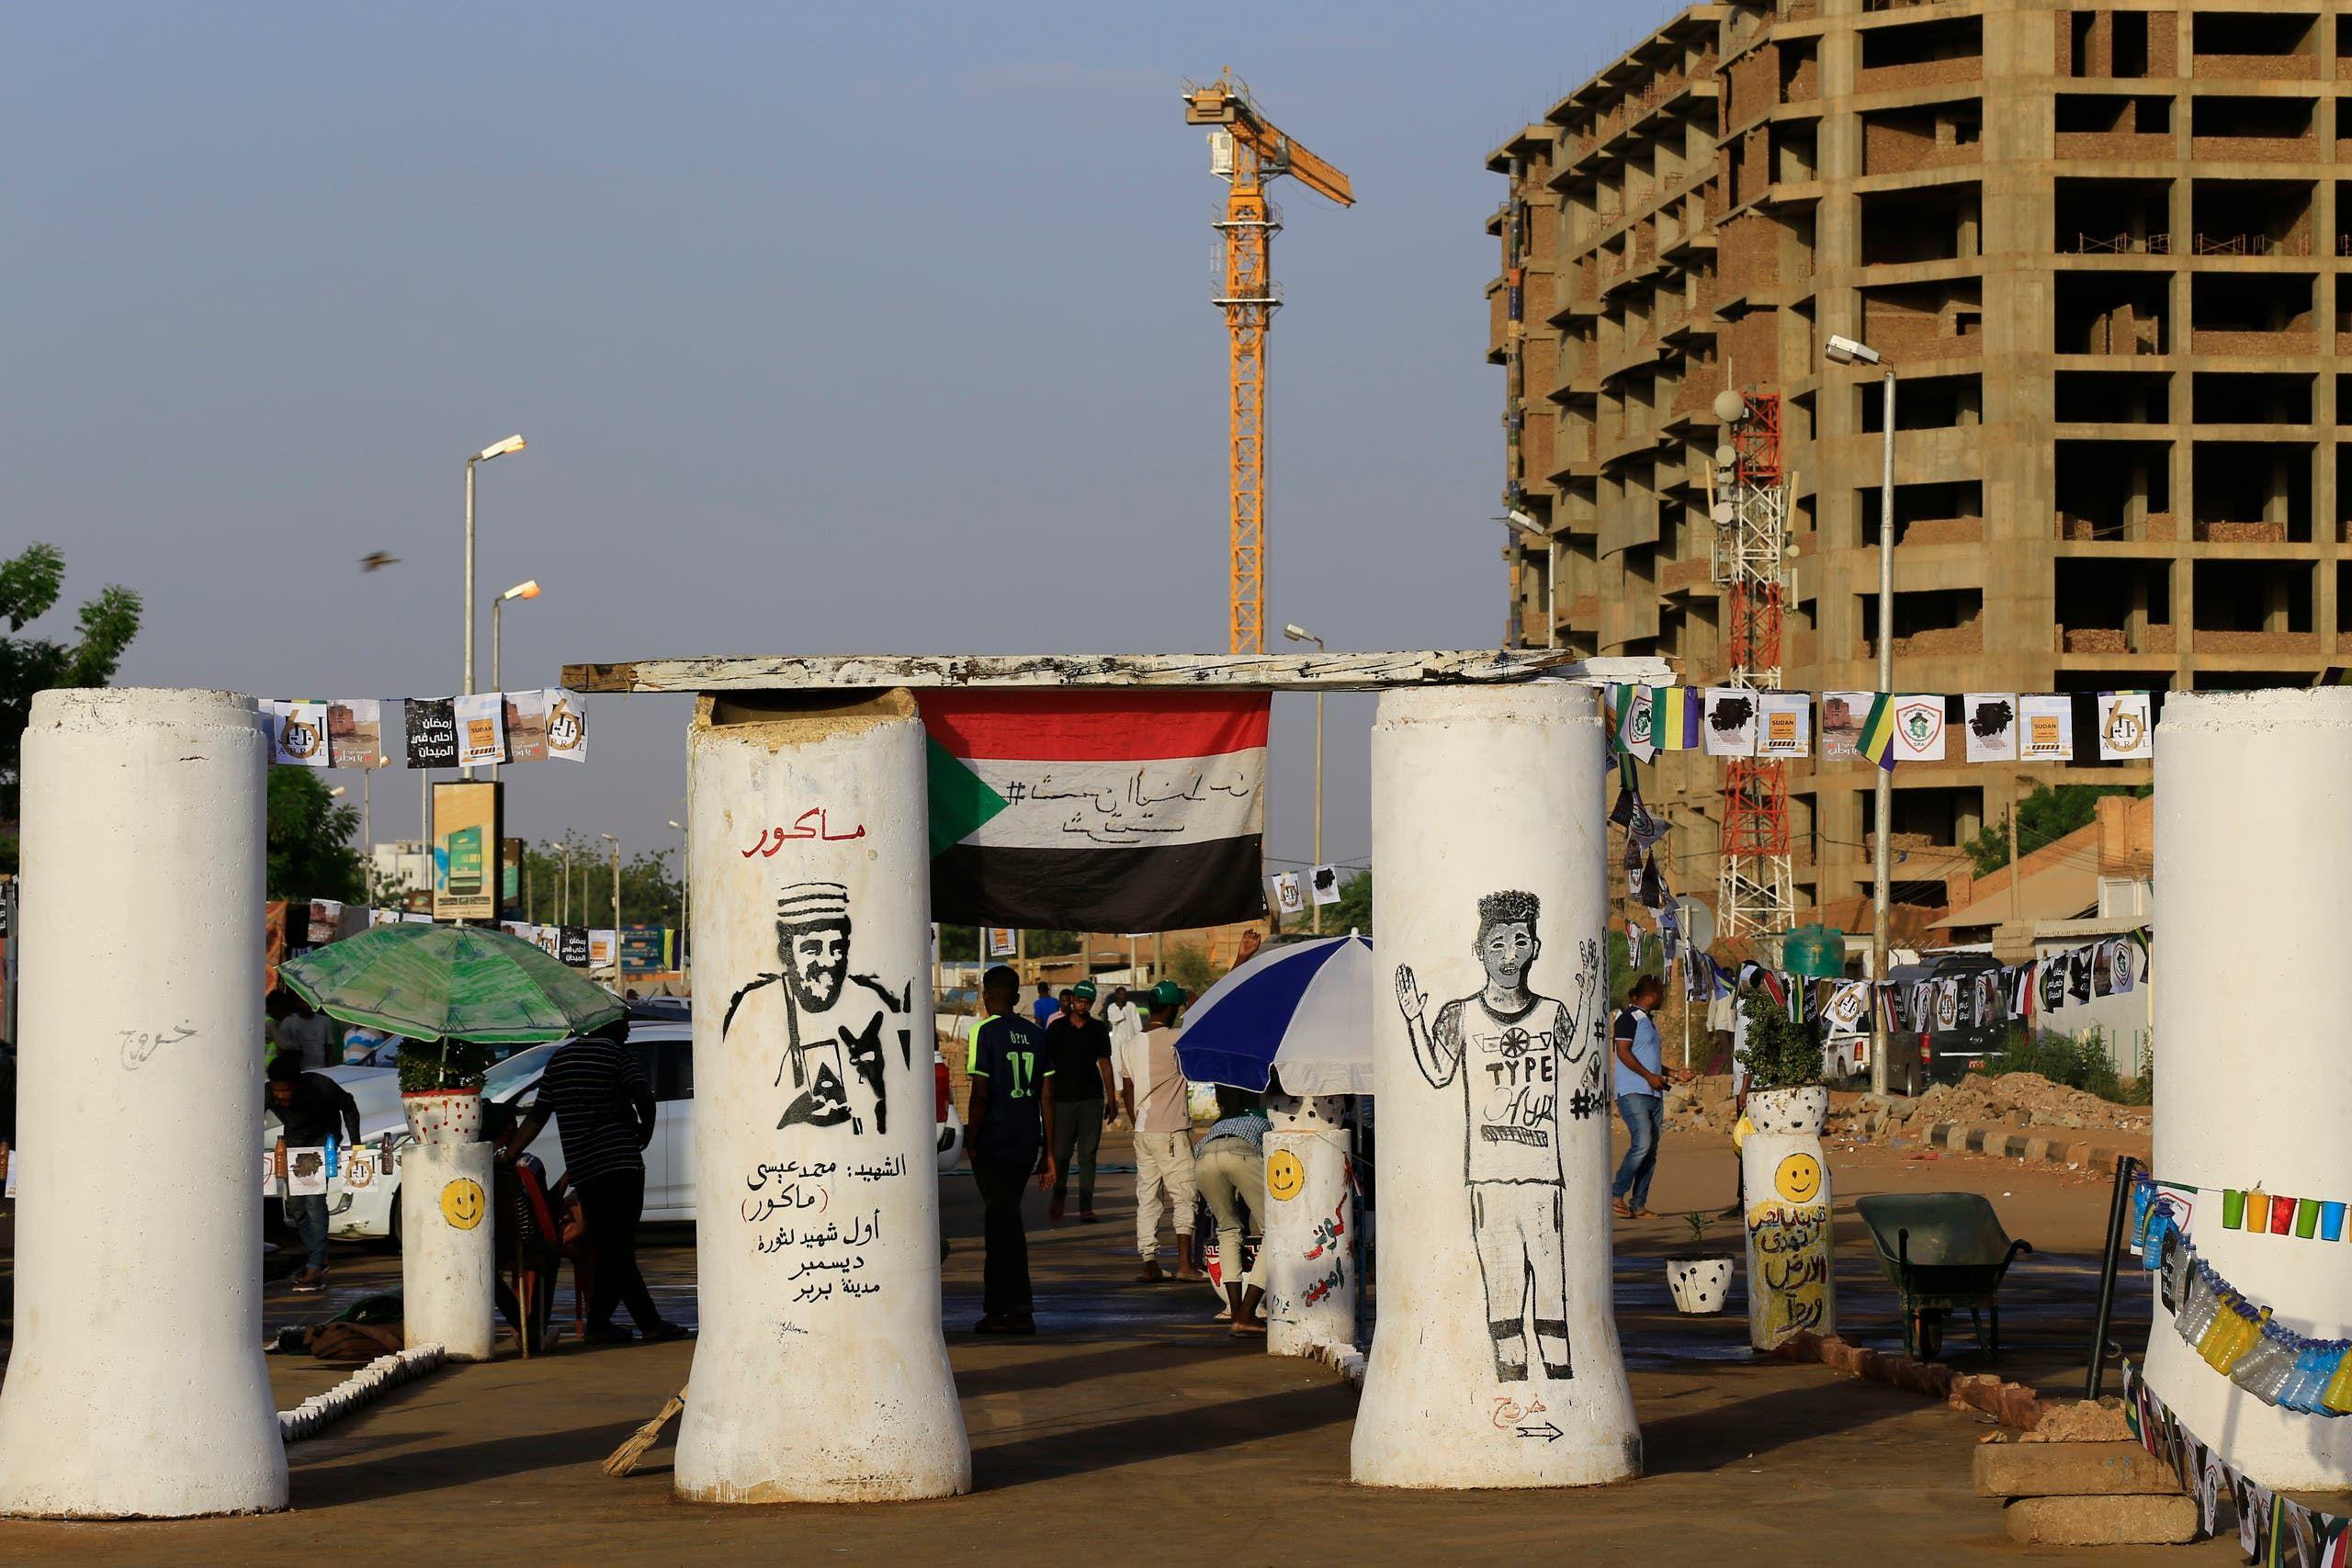 اعتصام القيادة العام في الخرطوم السودان (أرشيفية - فرانس برس)